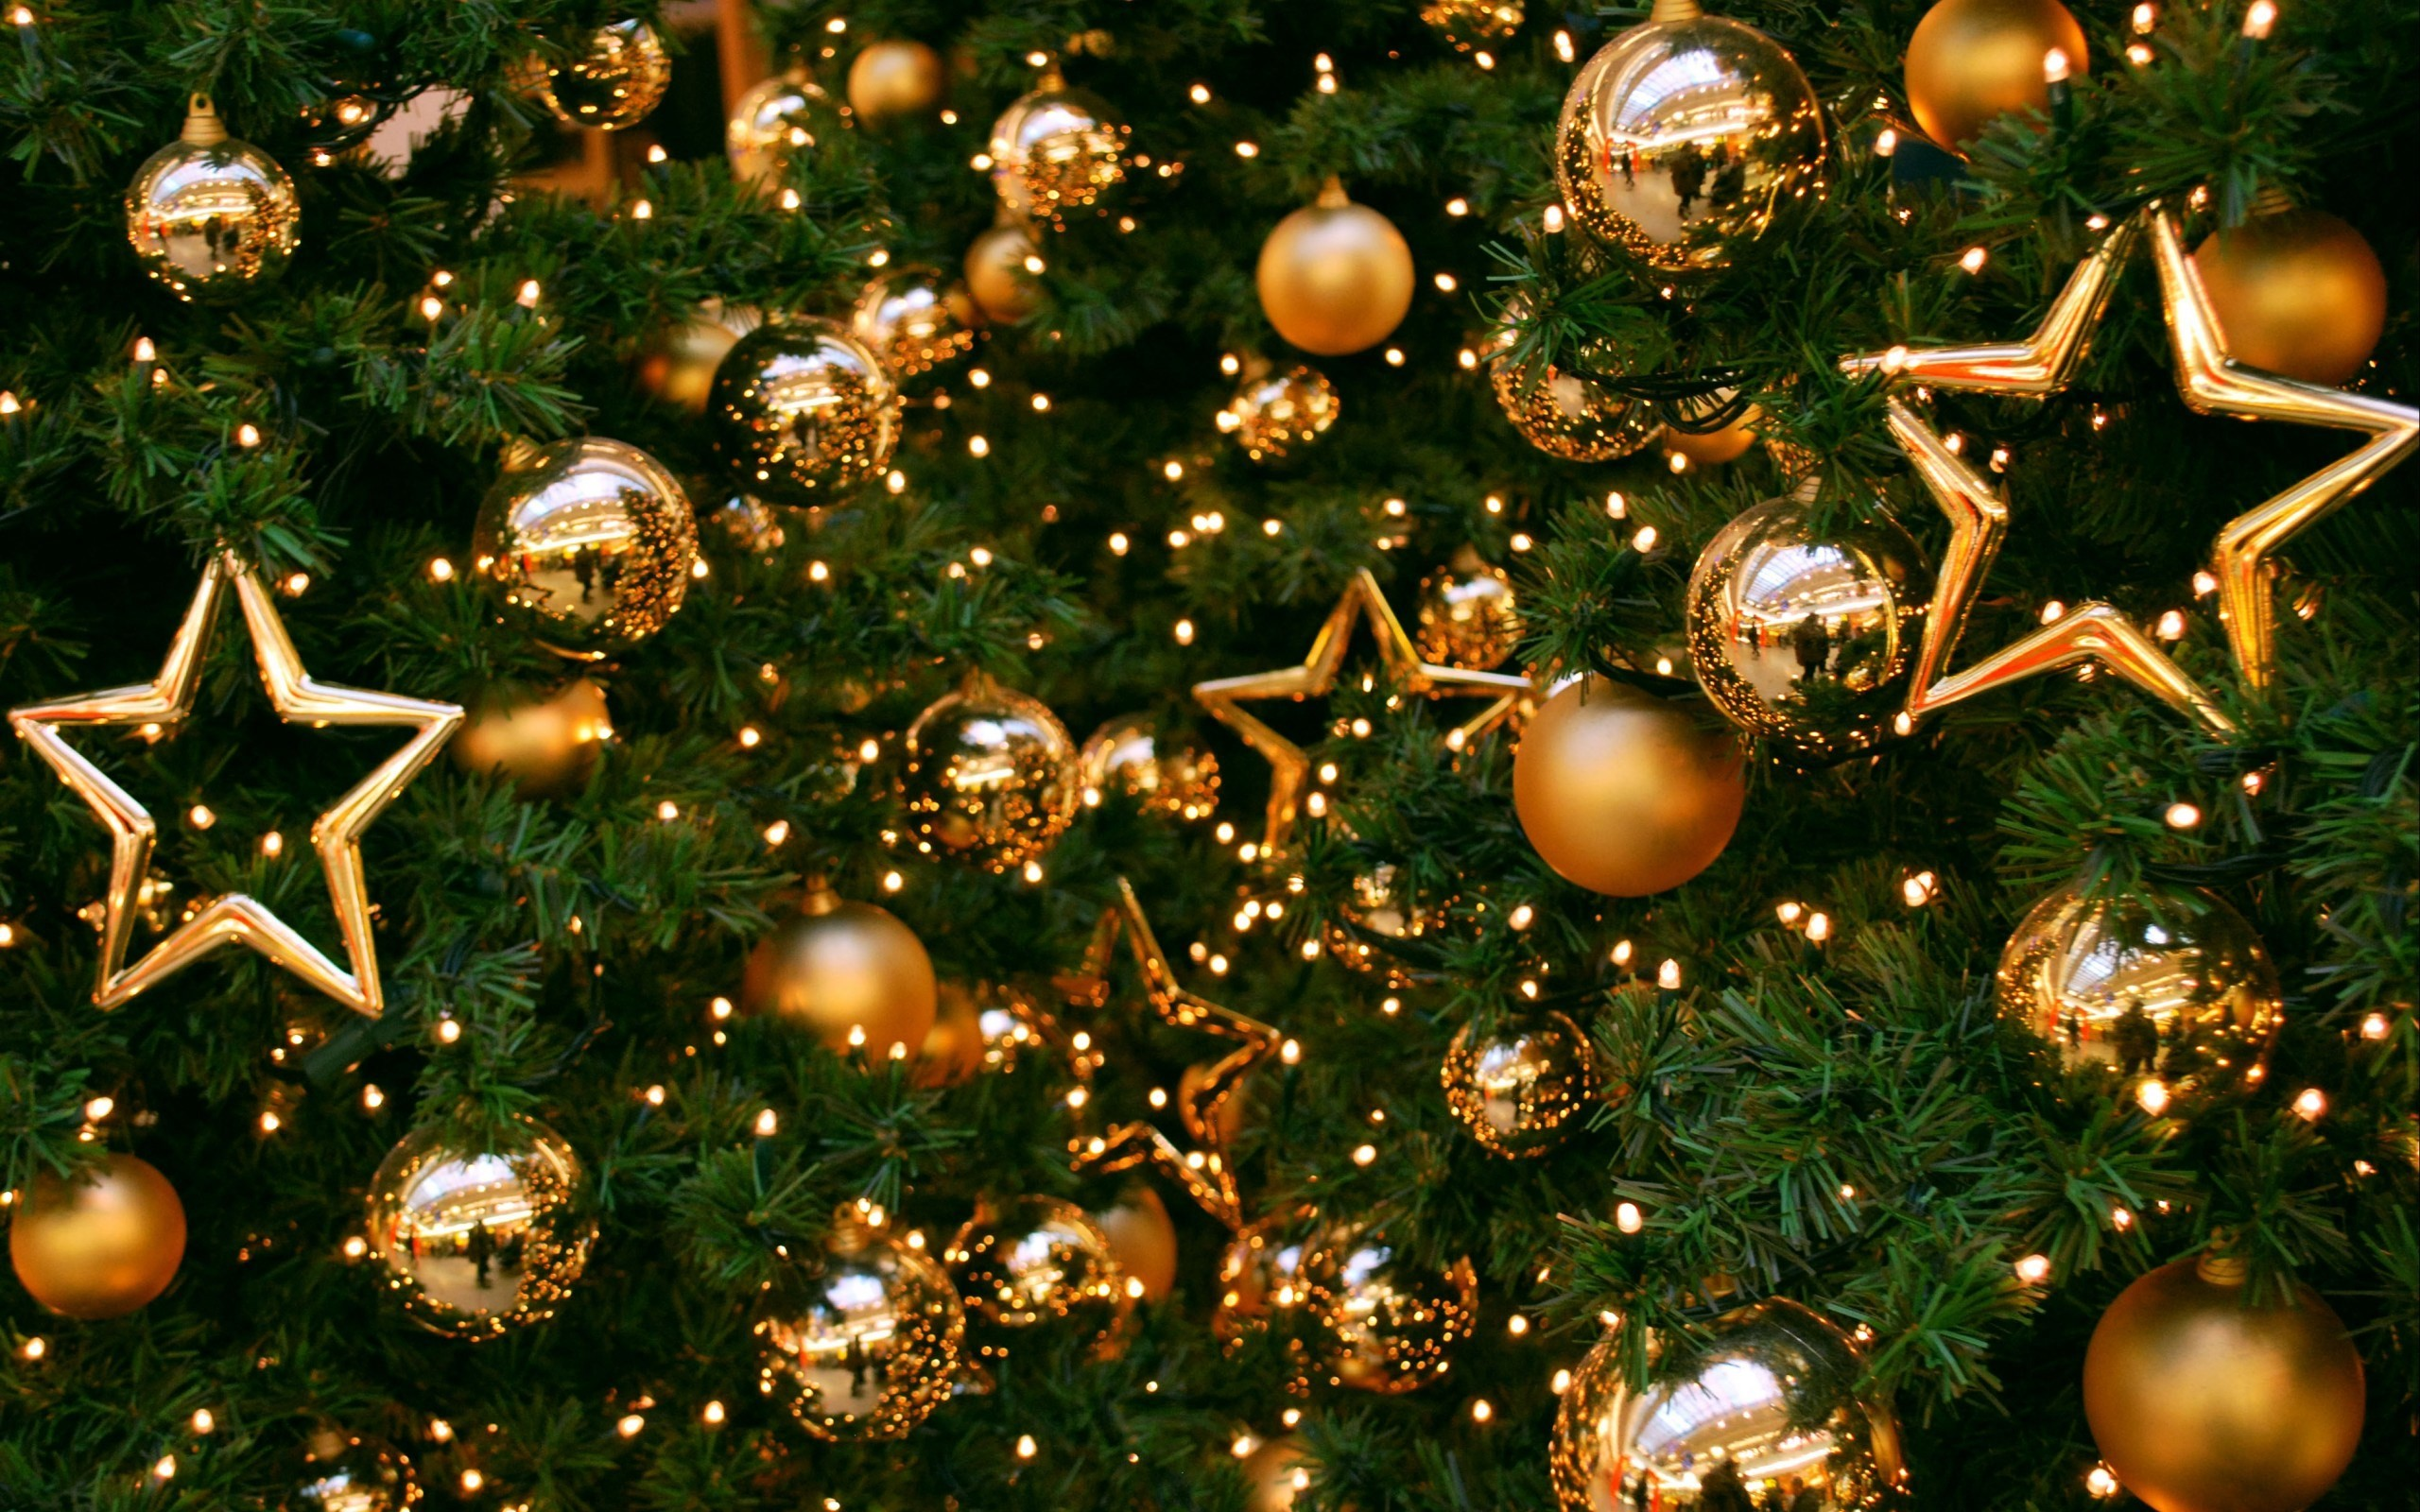 Christmas Tree On Balls And Stars